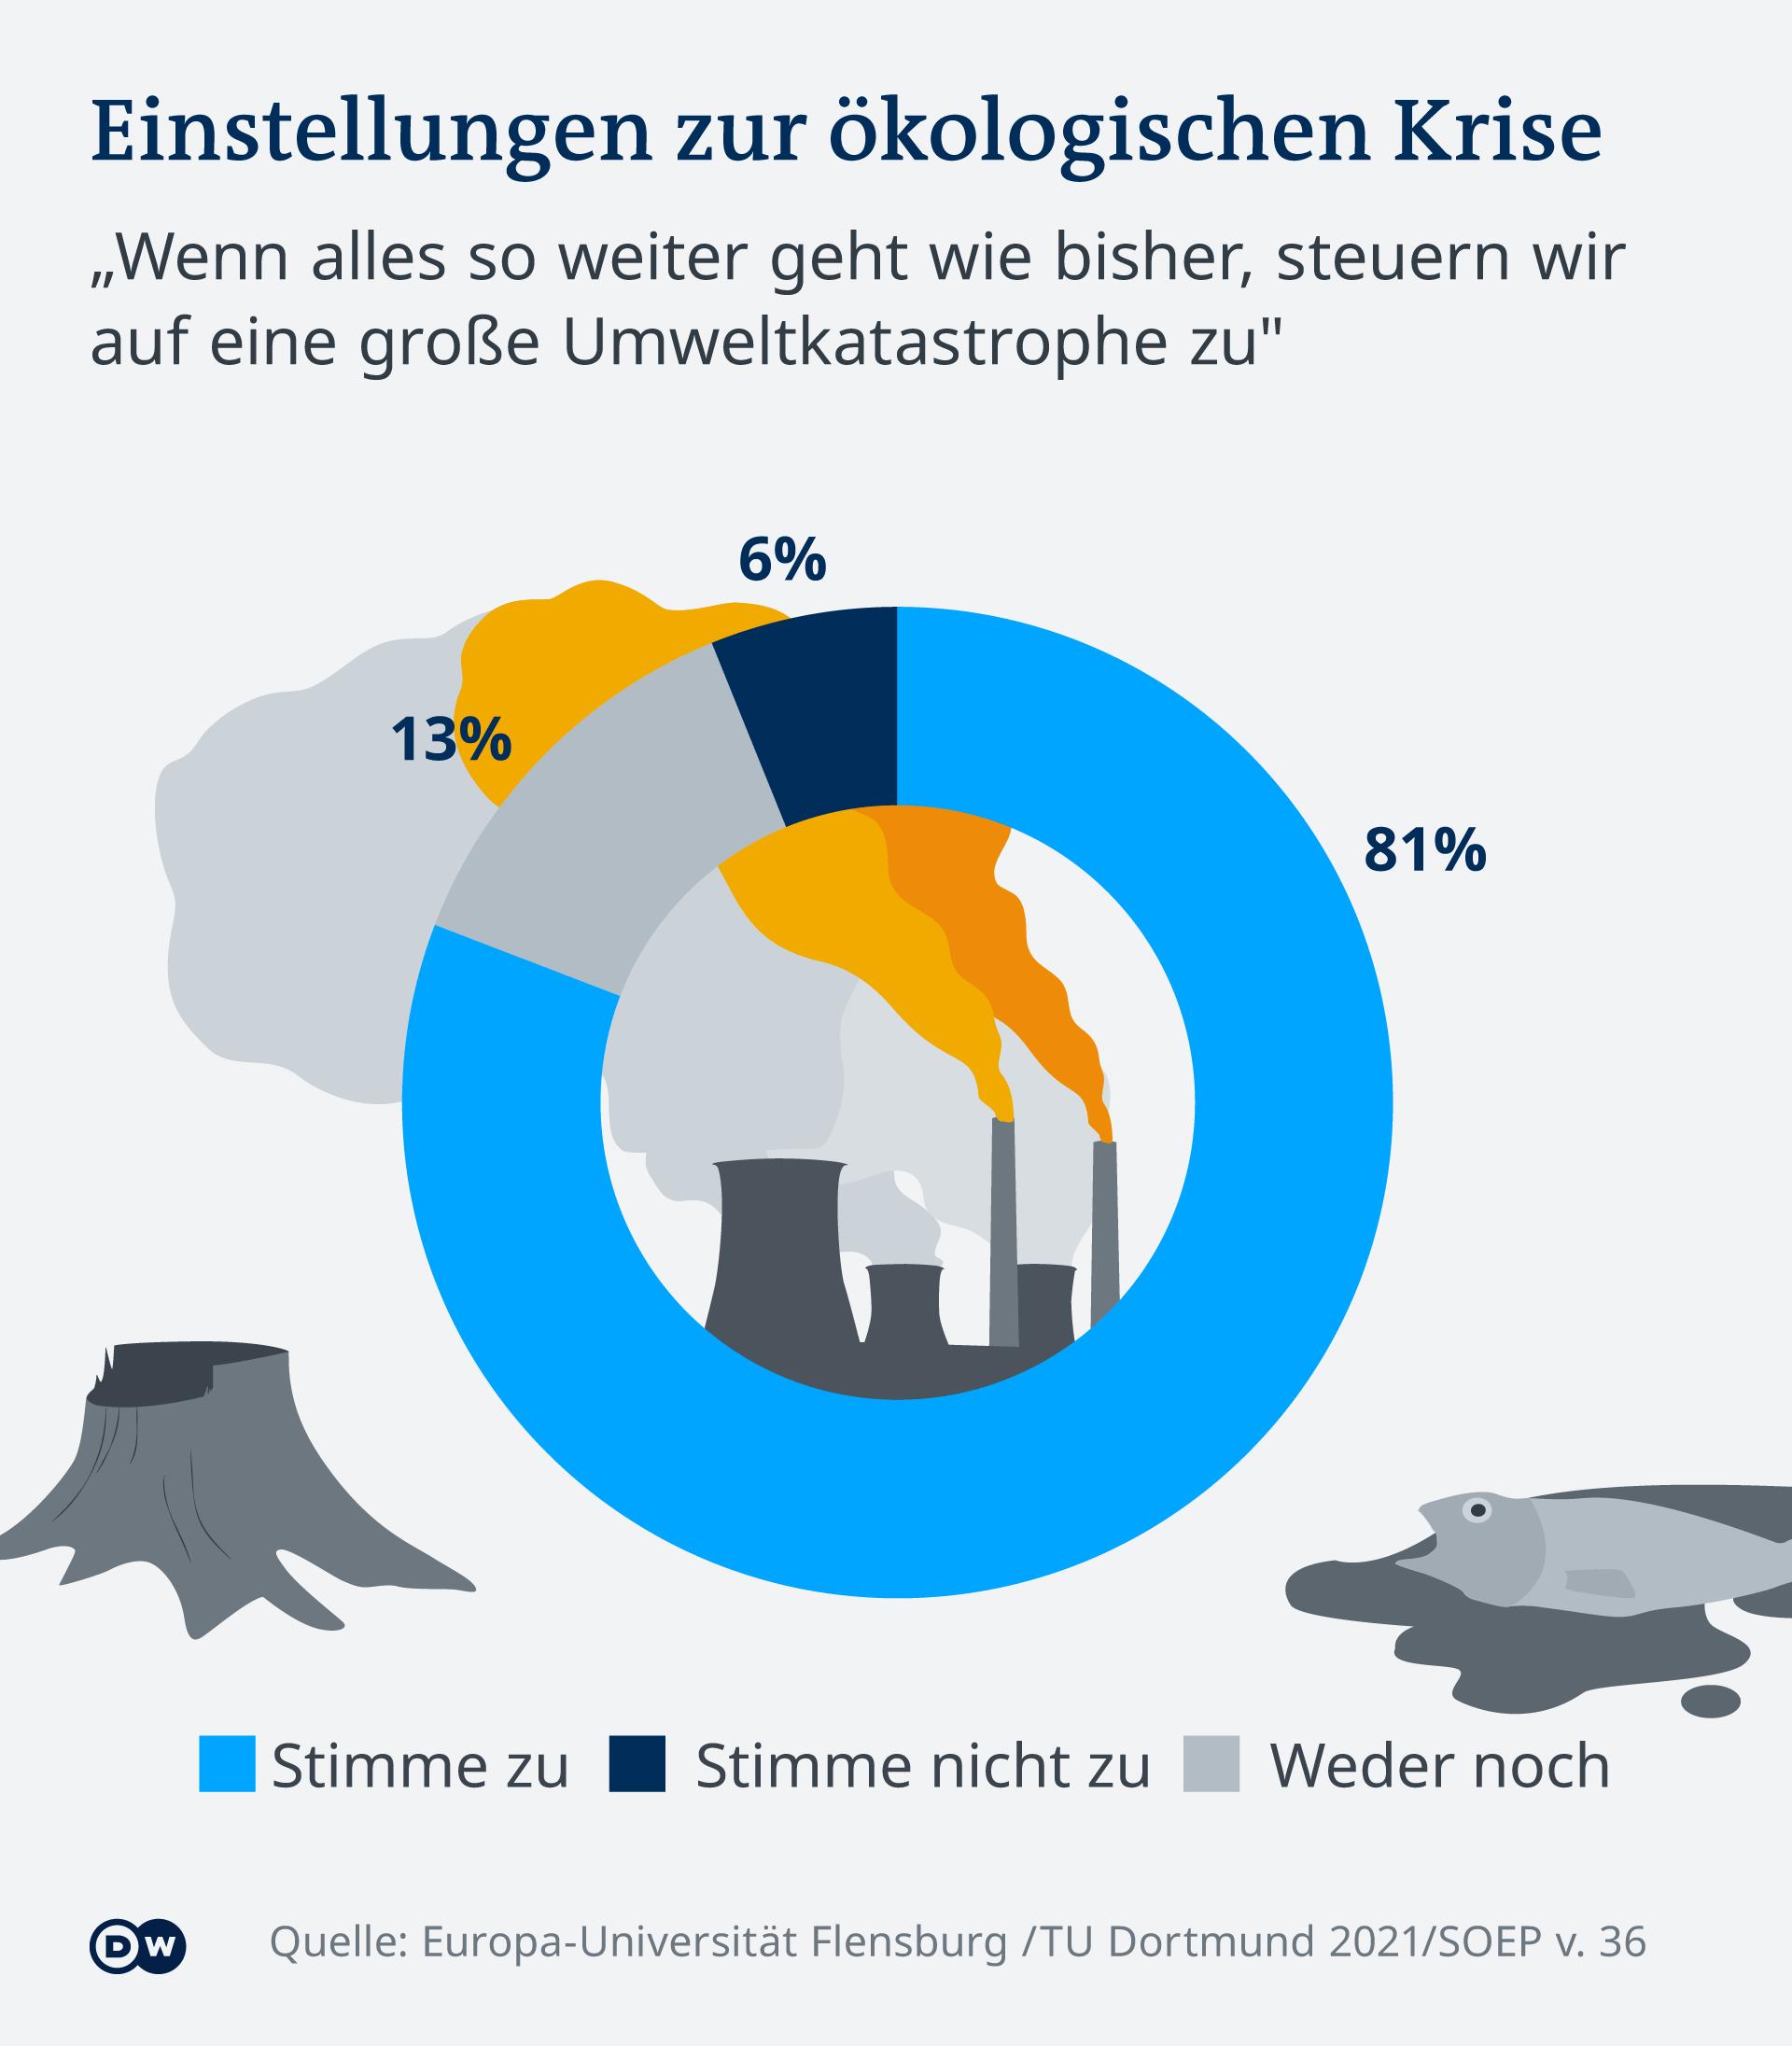 Infografik Einstellungen zur ökologischen Krise DE